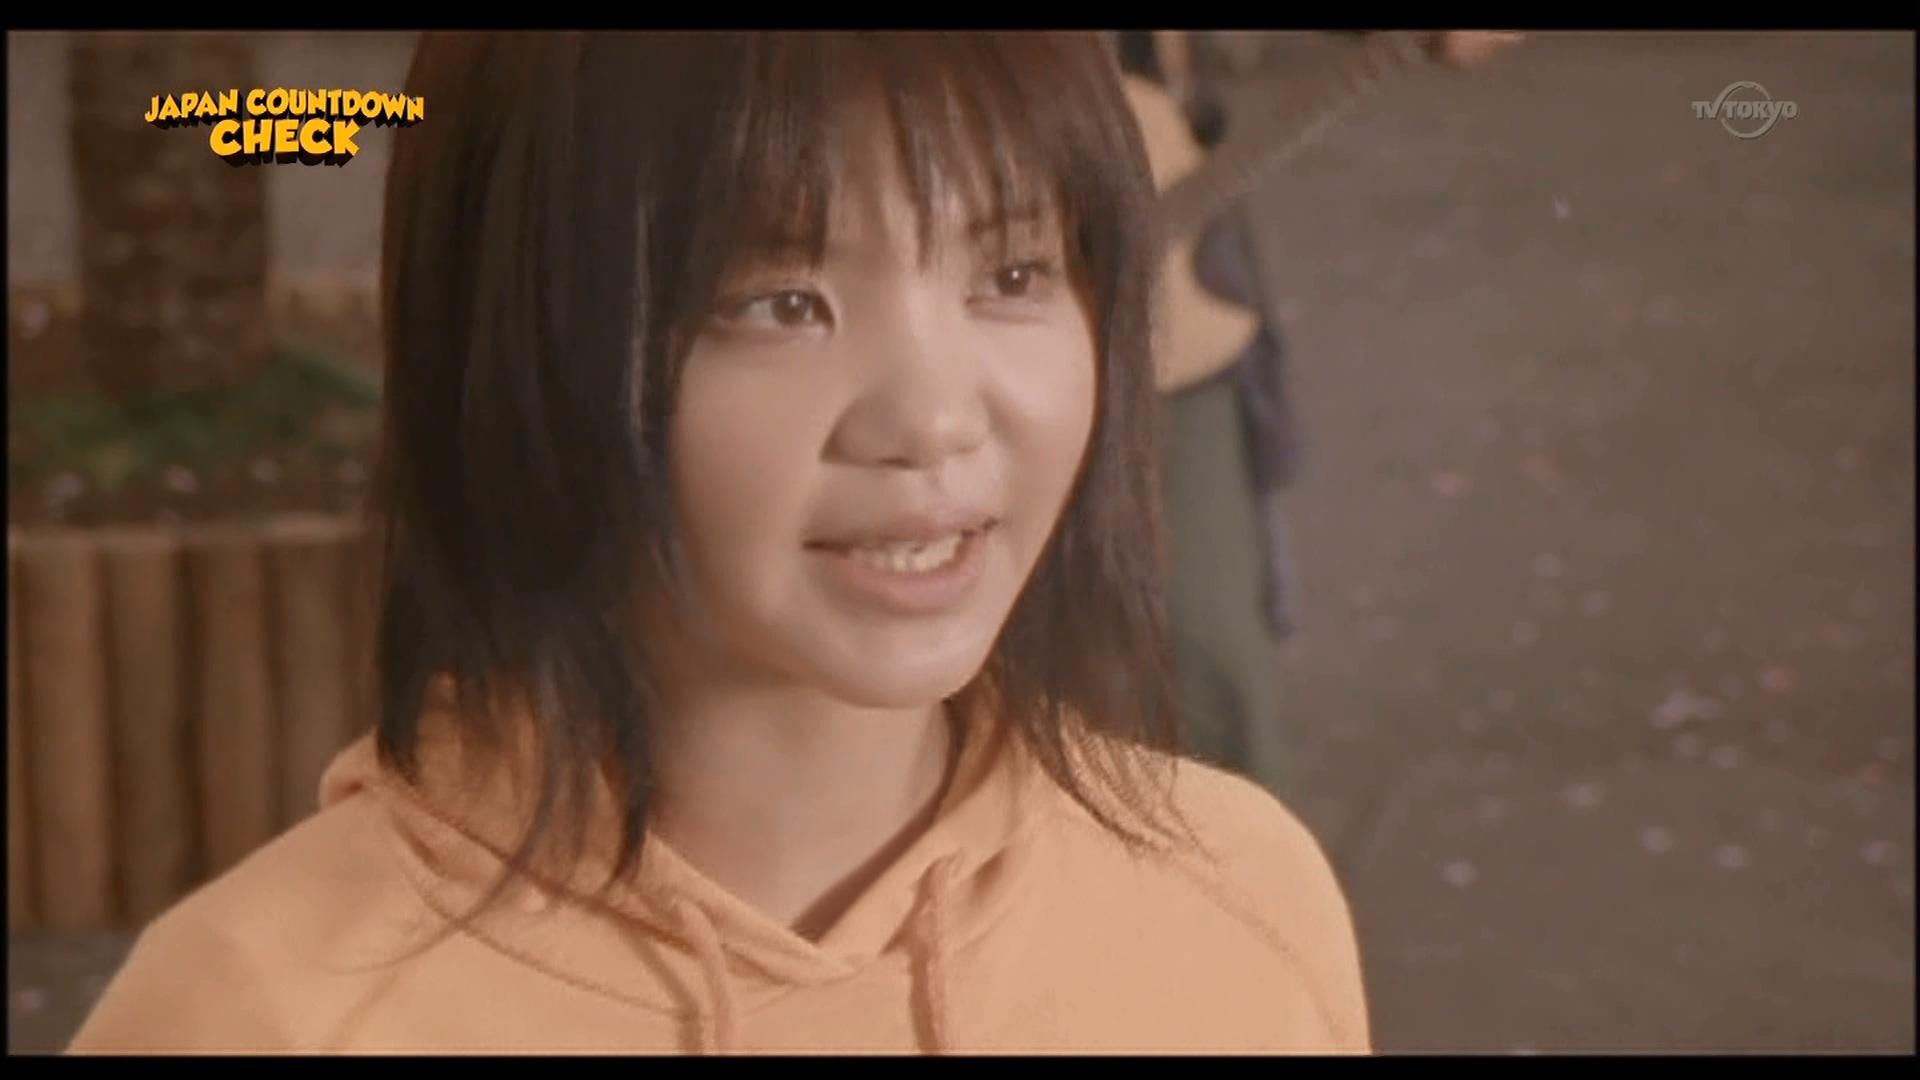 2016.03.20 いきものがかり - 10年たっても私たちはいきものがかりが大好き!日本のスタンダードであり続ける理由(JAPAN COUNTDOWN).ts_20160320_103713.590